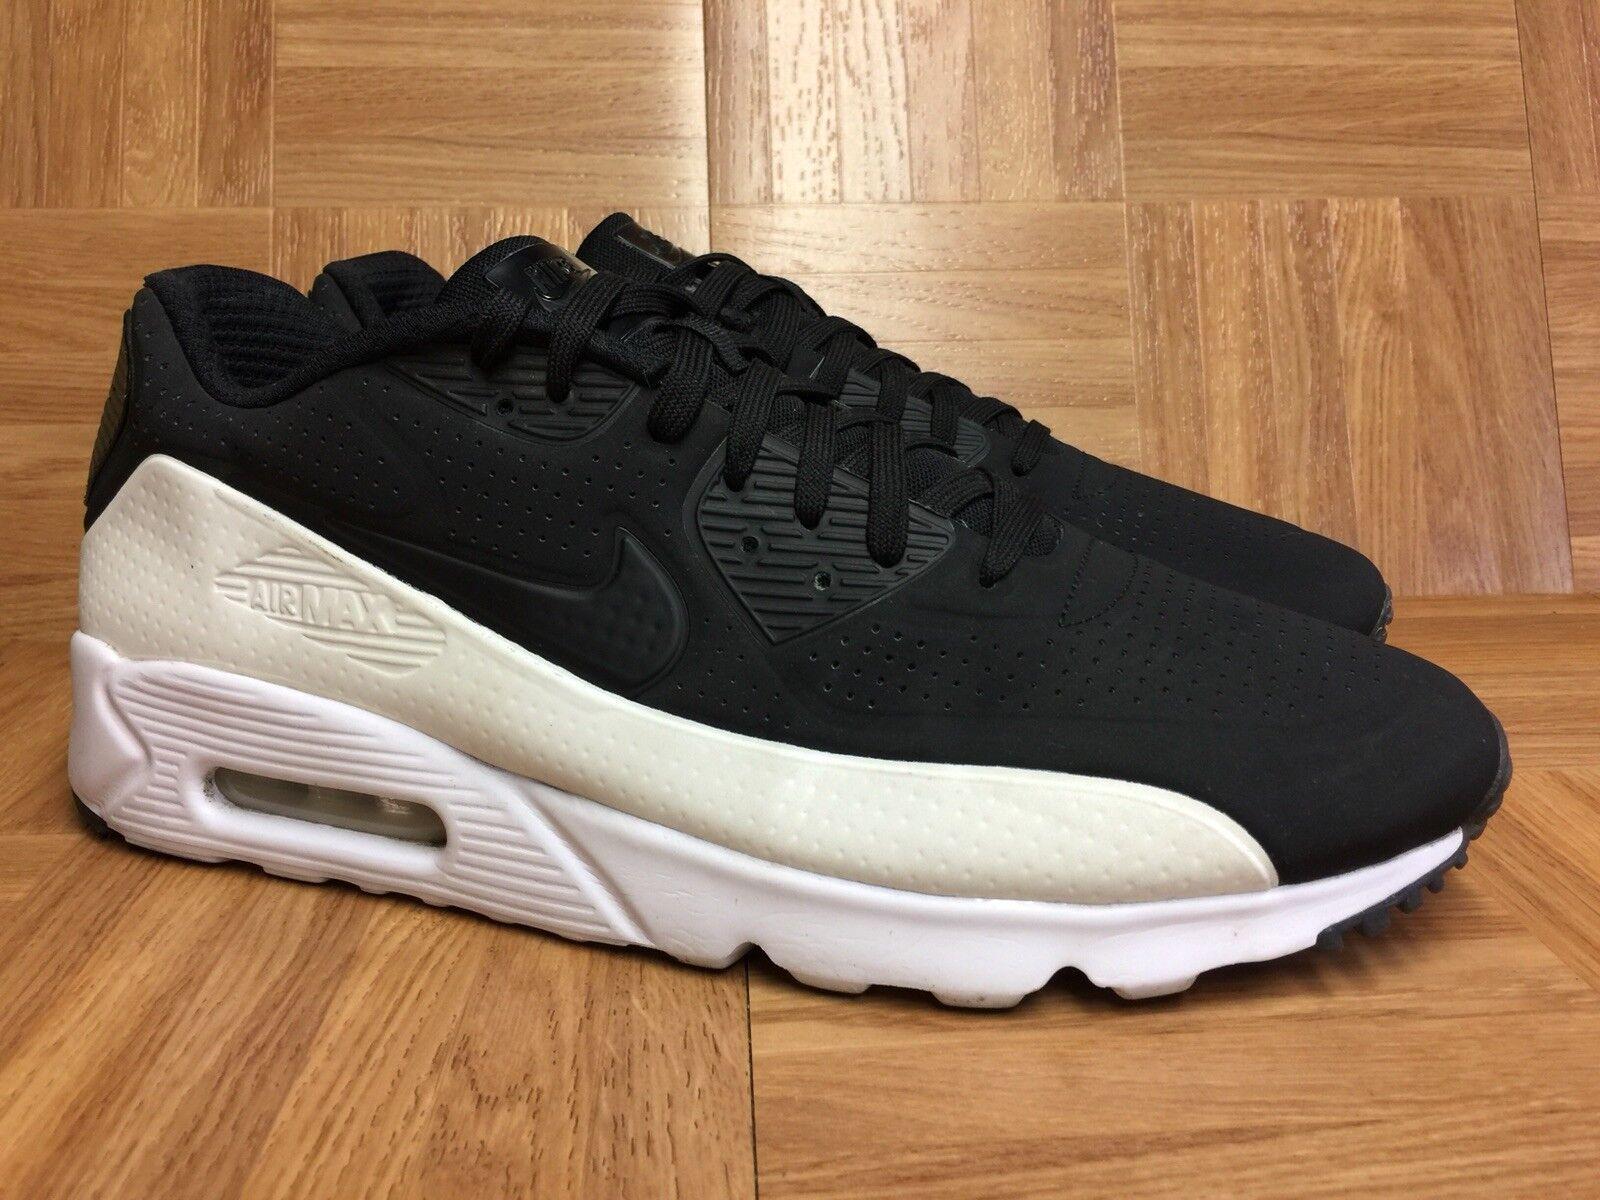 RARE Nike Air Max 90 Ultra Moire Black White Premium shoes Sz 13 819477-011